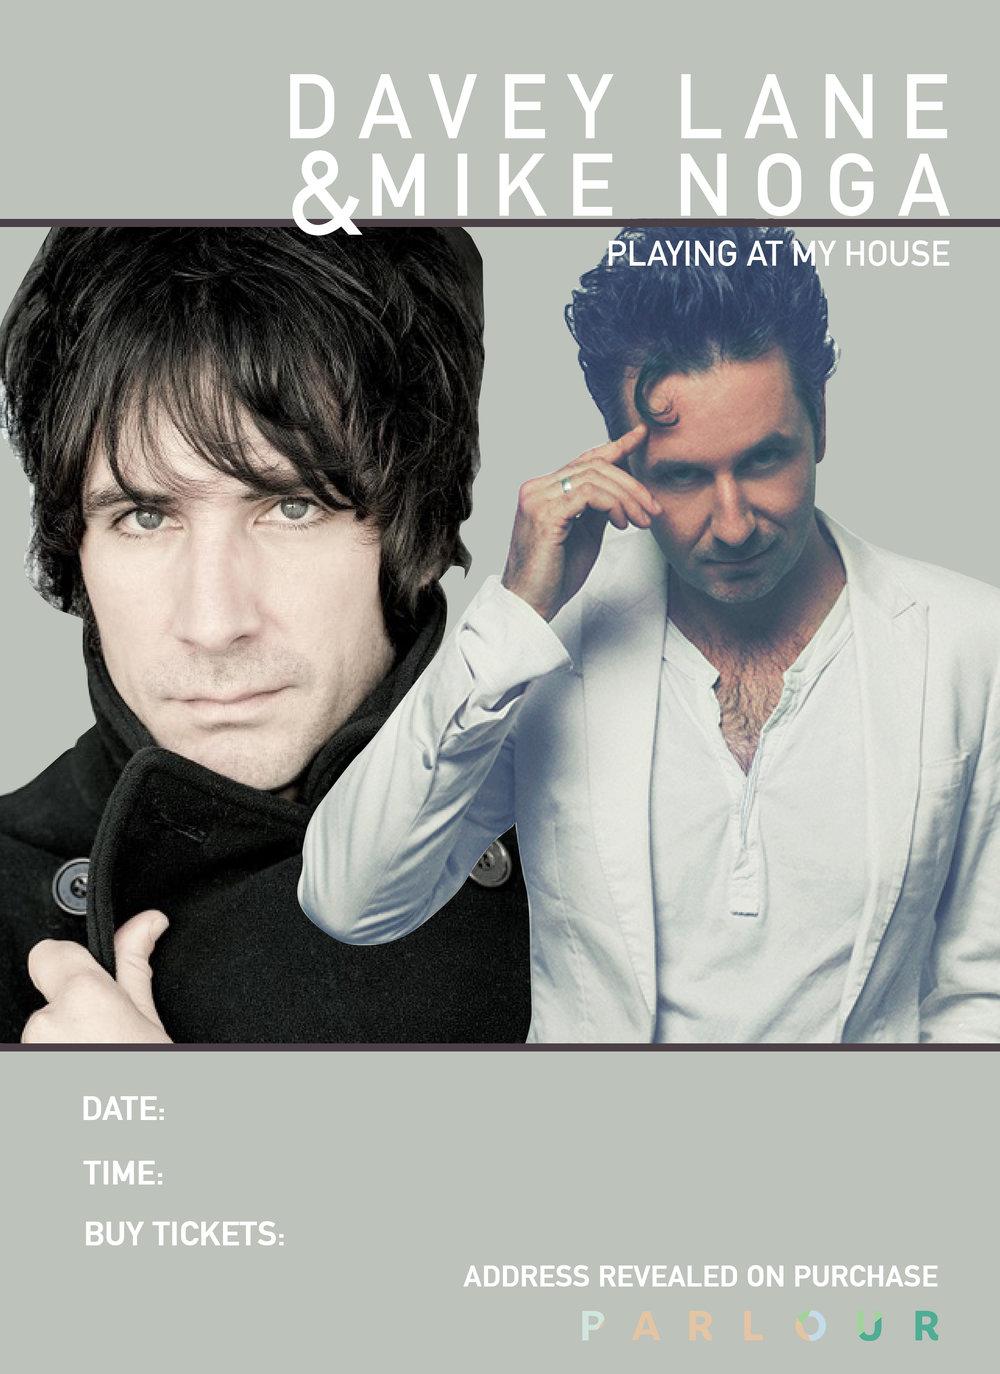 Davey Lane & Mike Noga Poster.jpg